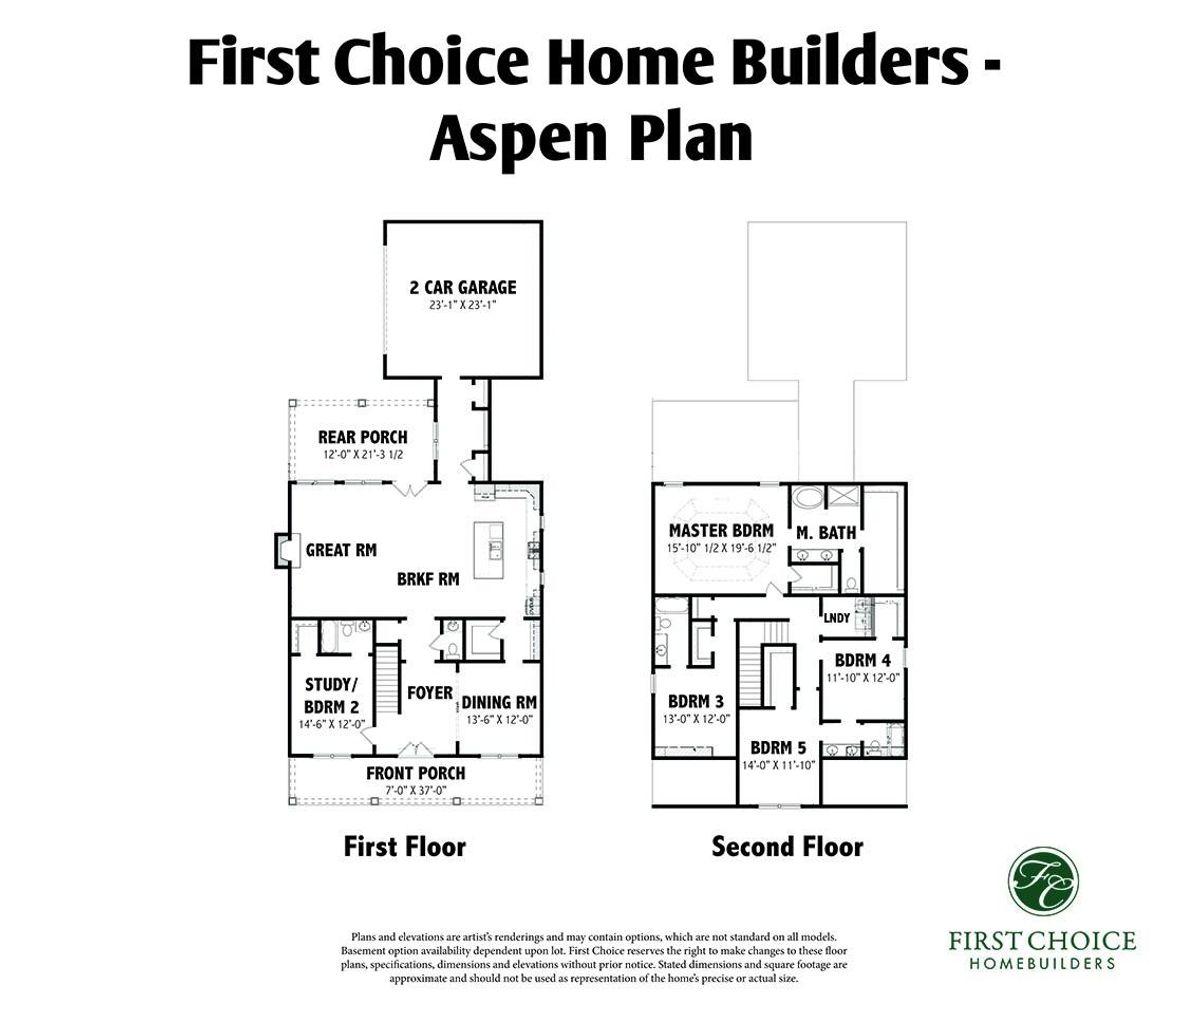 Aspen ll Floor Plan